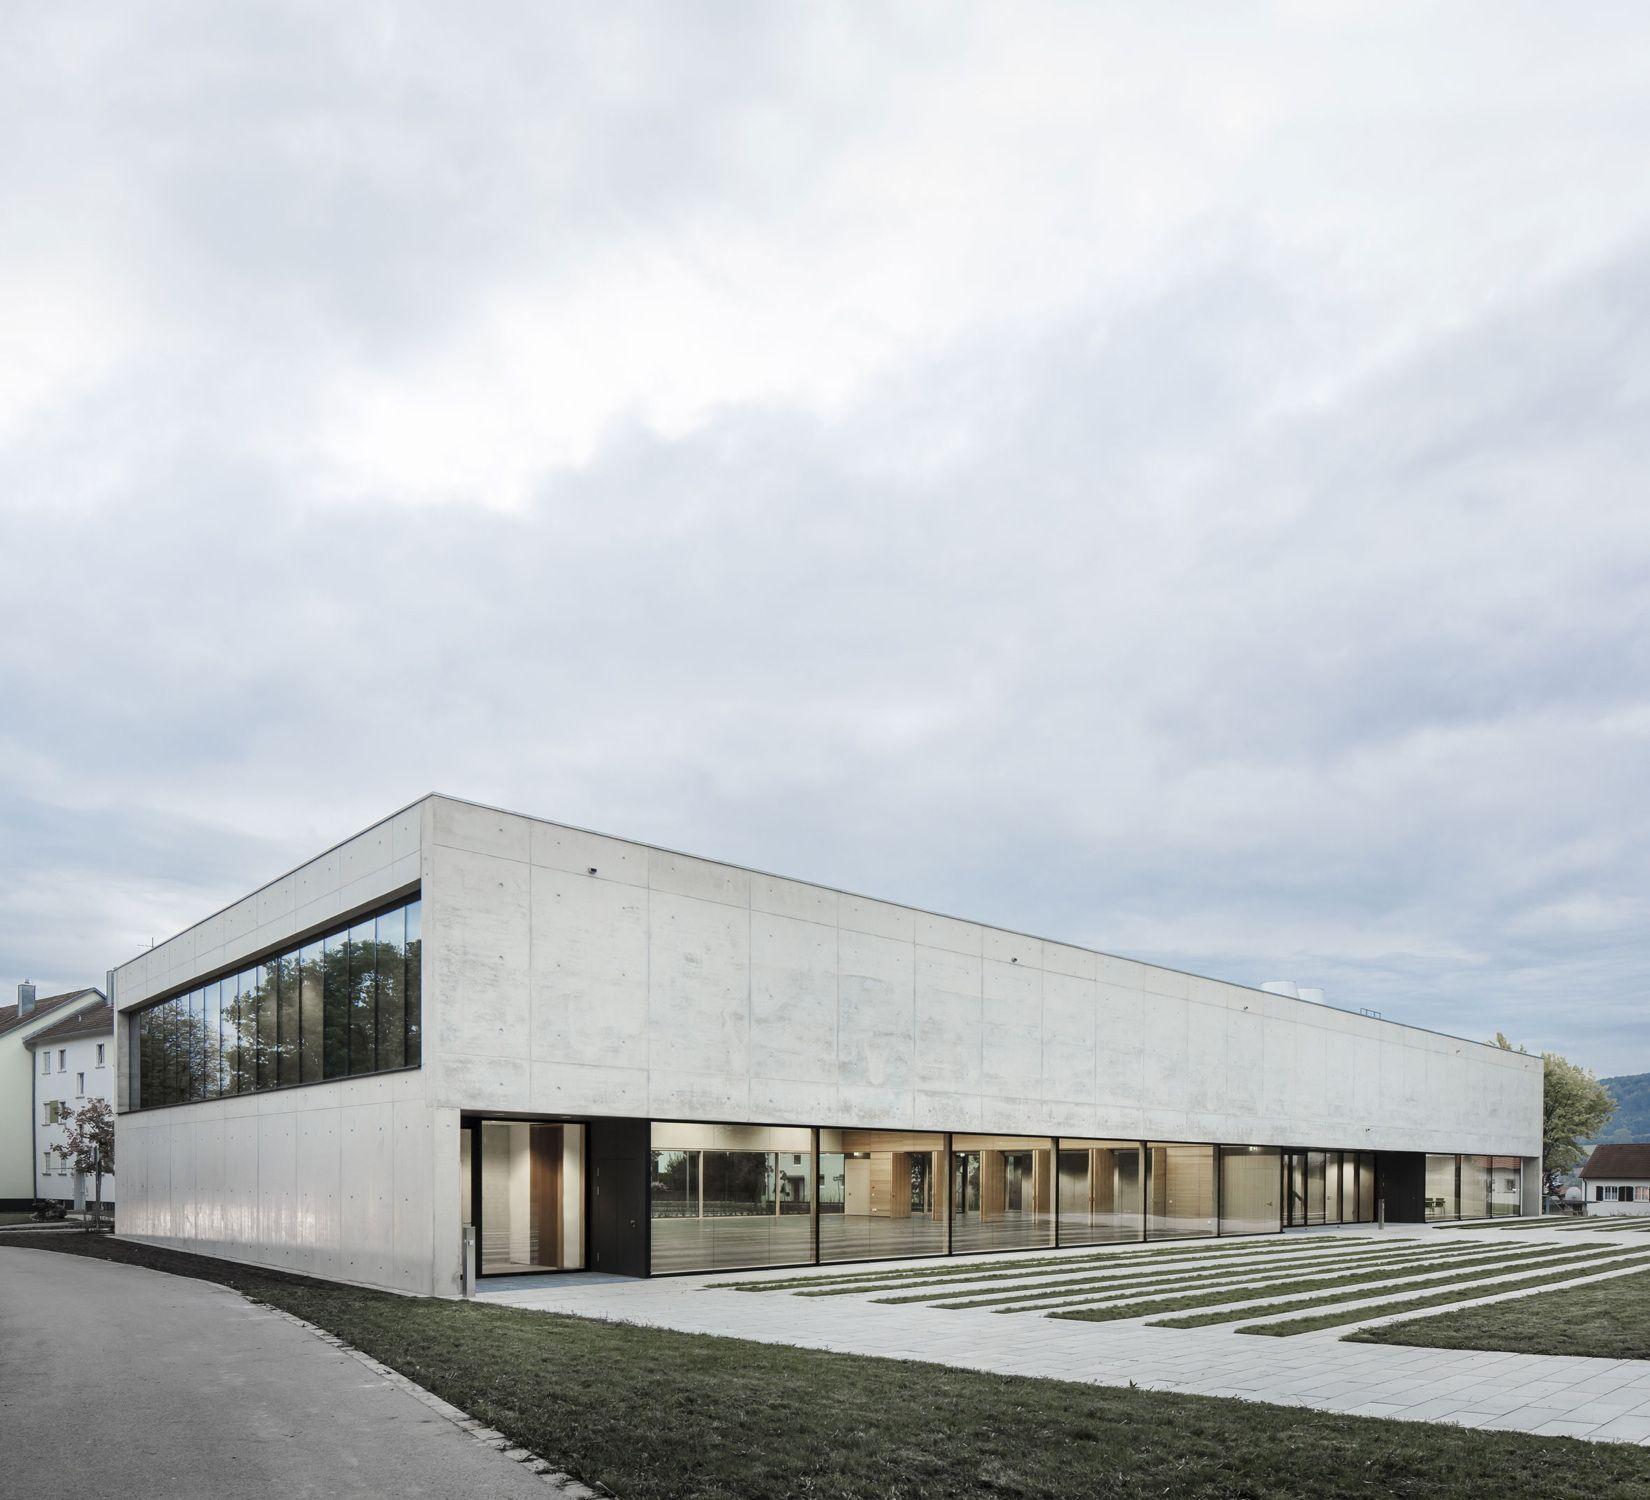 Architekt Aalen aula für aalen hörsaalgebäude mgf übergeben arch and